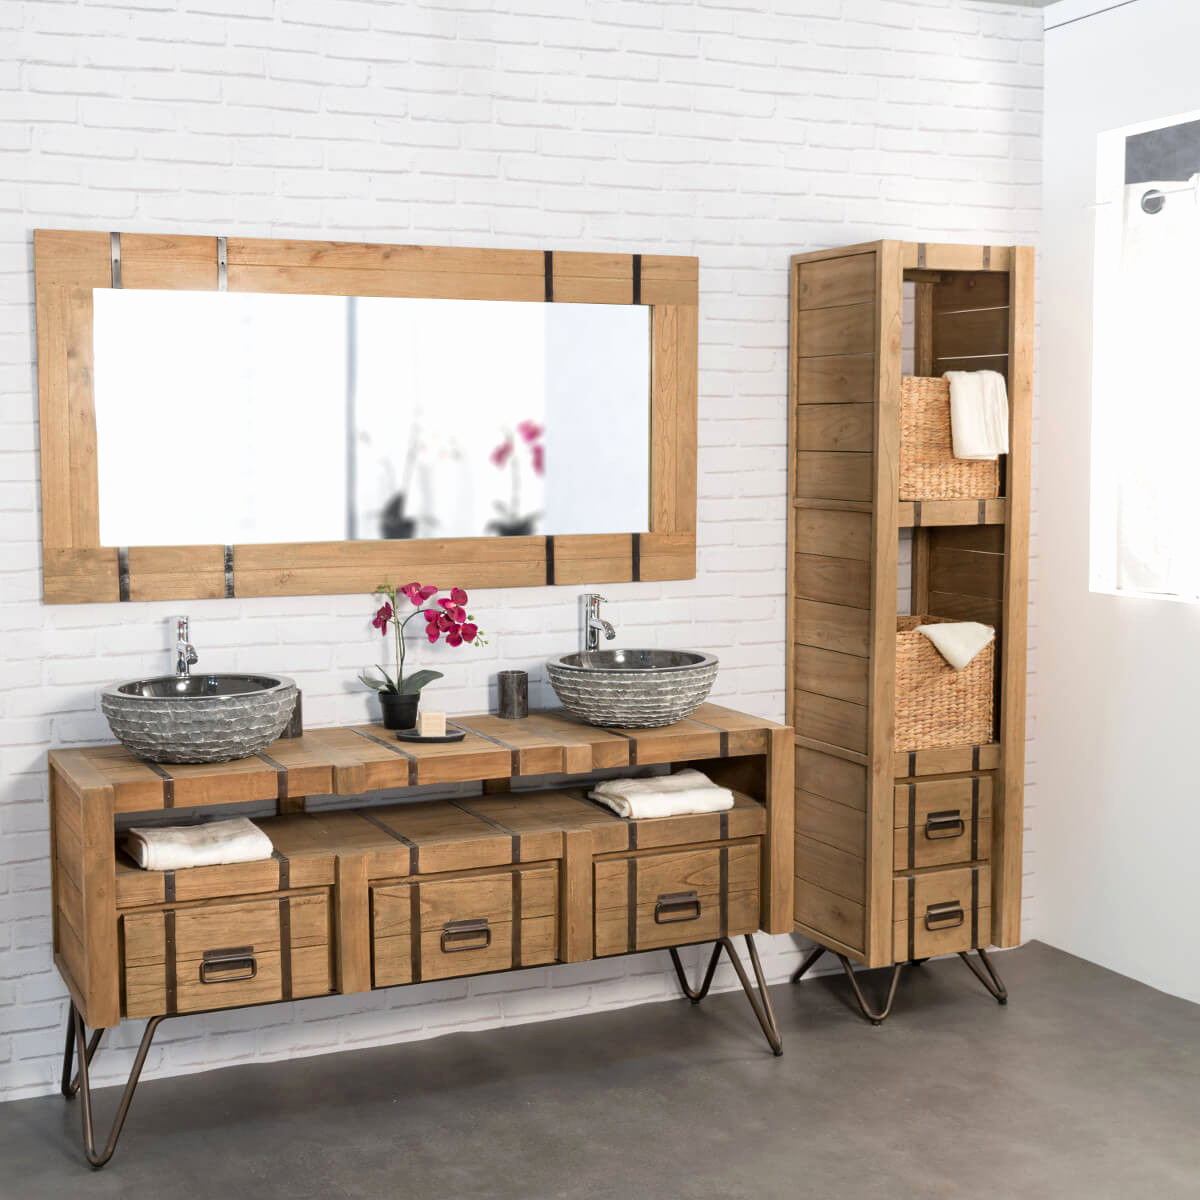 Fabriquer Meuble Salle De Bain Pas Cher Beau Photos 29 Nouveau Meuble Colonne Salle De Bain Pas Cher